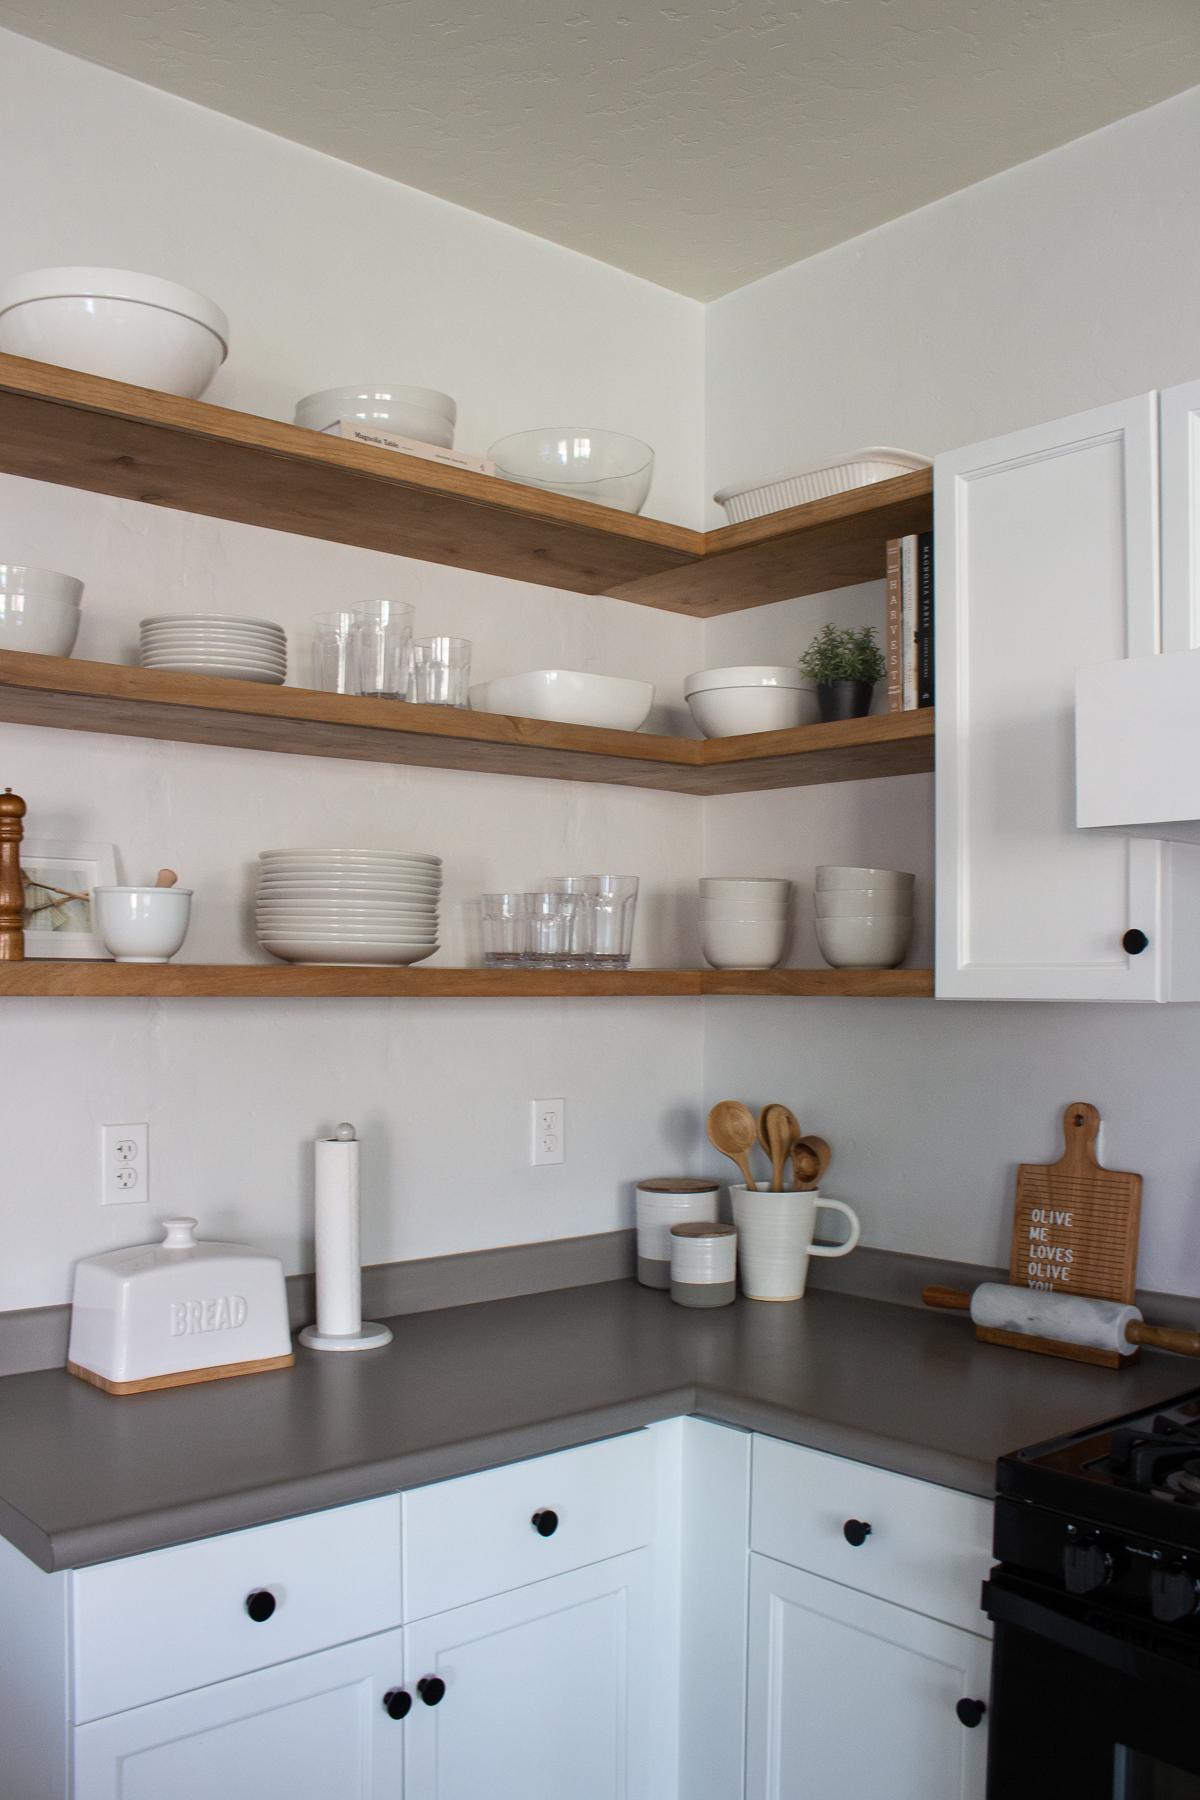 Diy Floating Corner Shelves In Kitchen